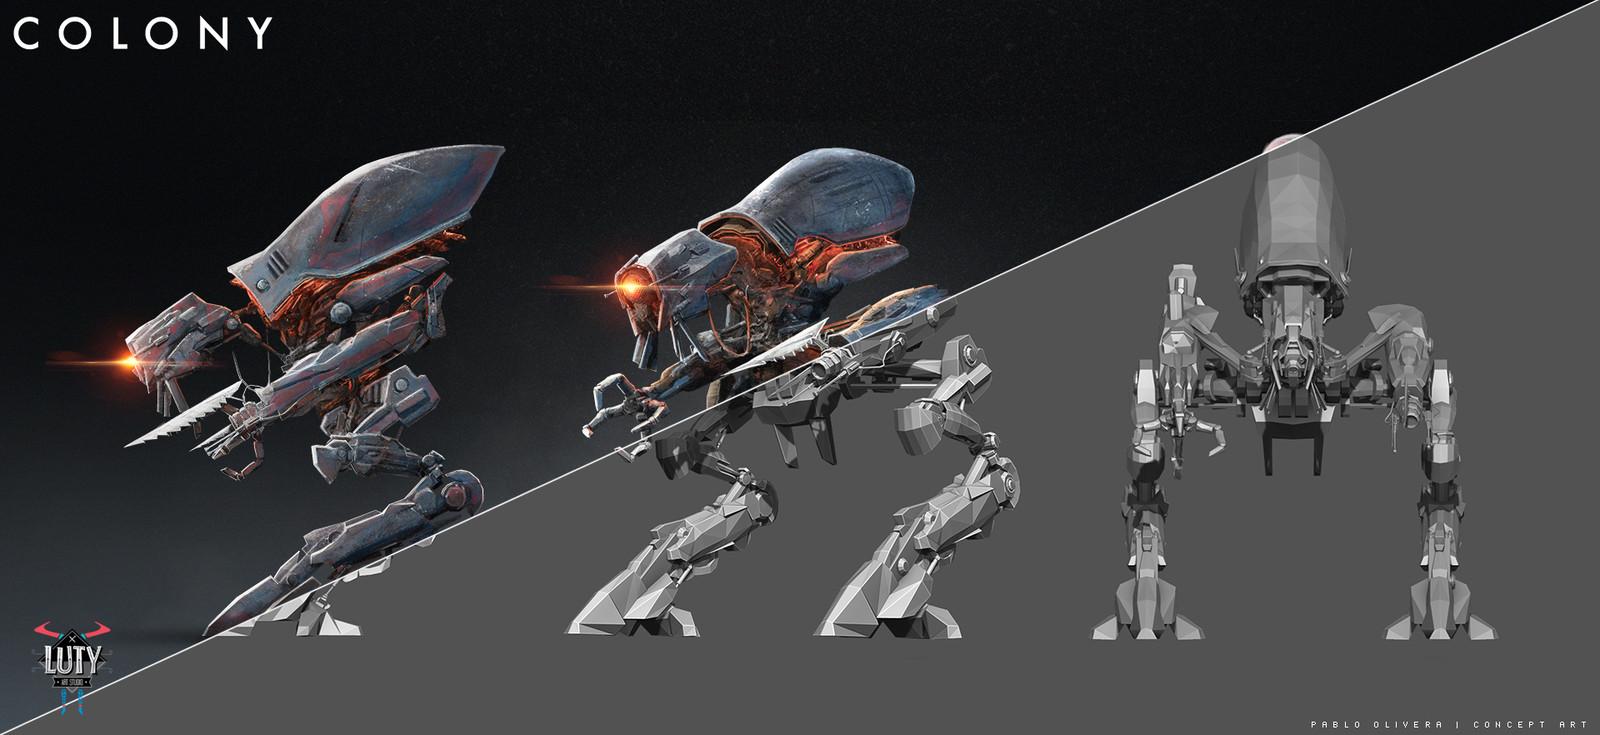 Concept previs ( Zbrush model + photoshop textures)